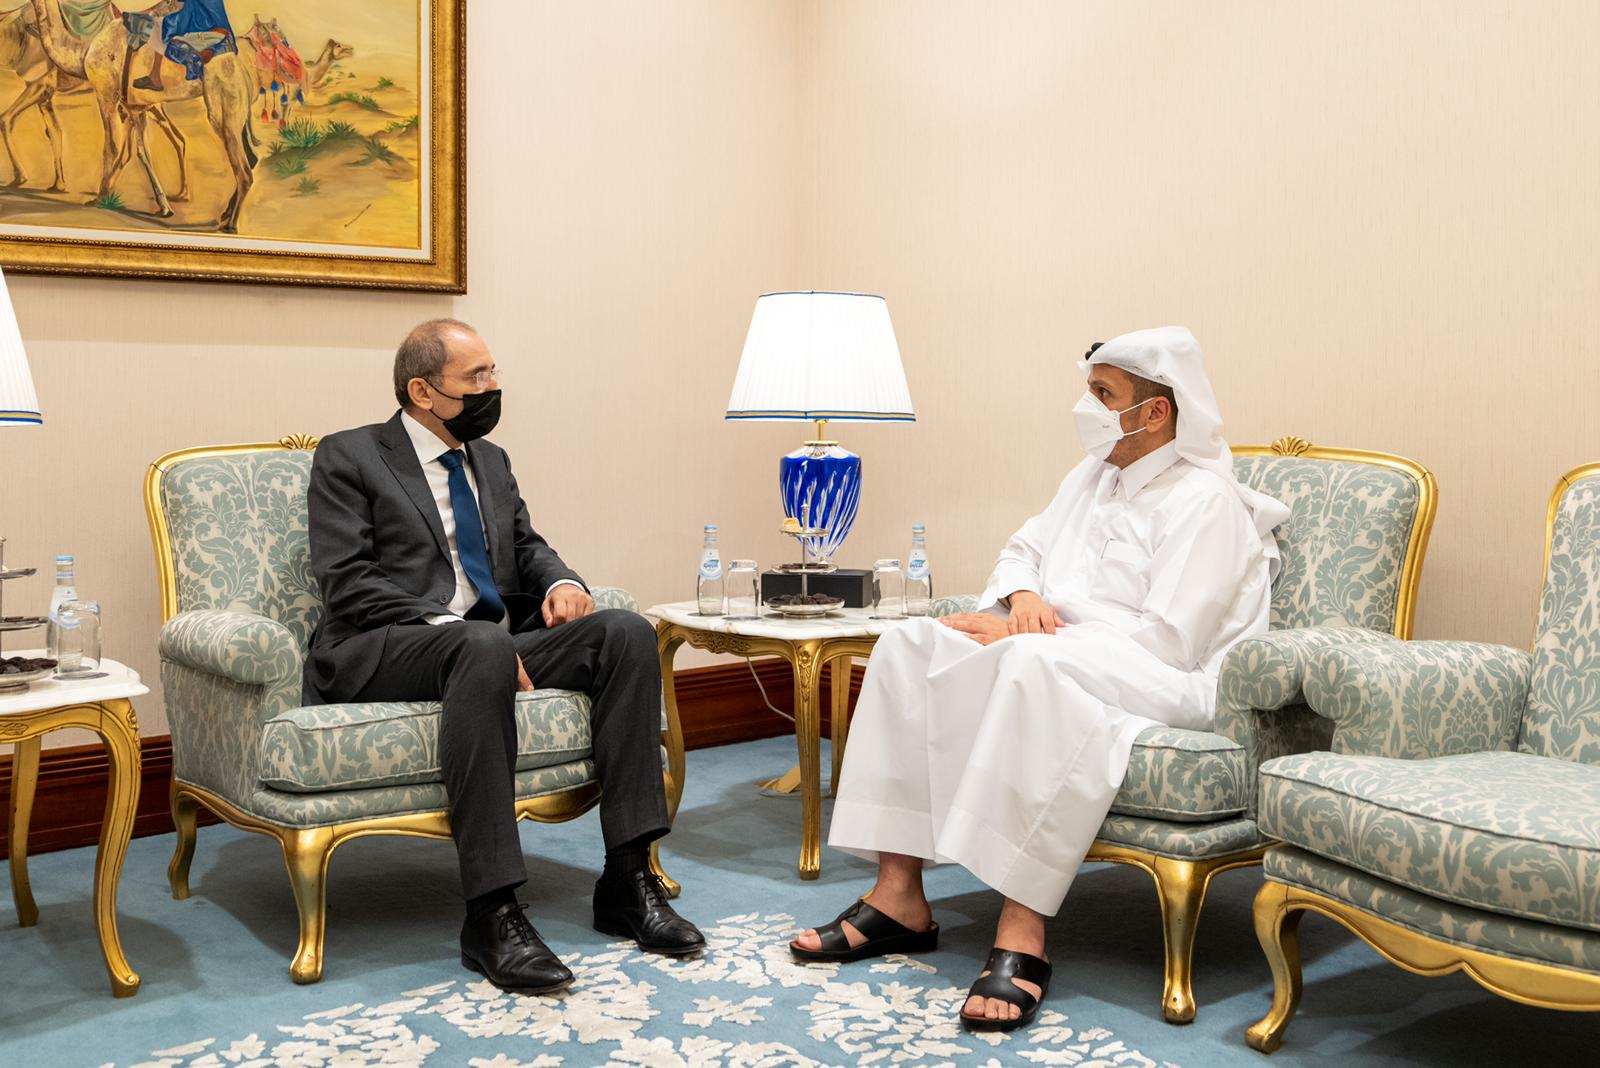 نائب رئيس مجلس الوزراء وزير الخارجية يجتمع مع عدد من وزراء الخارجية العرب